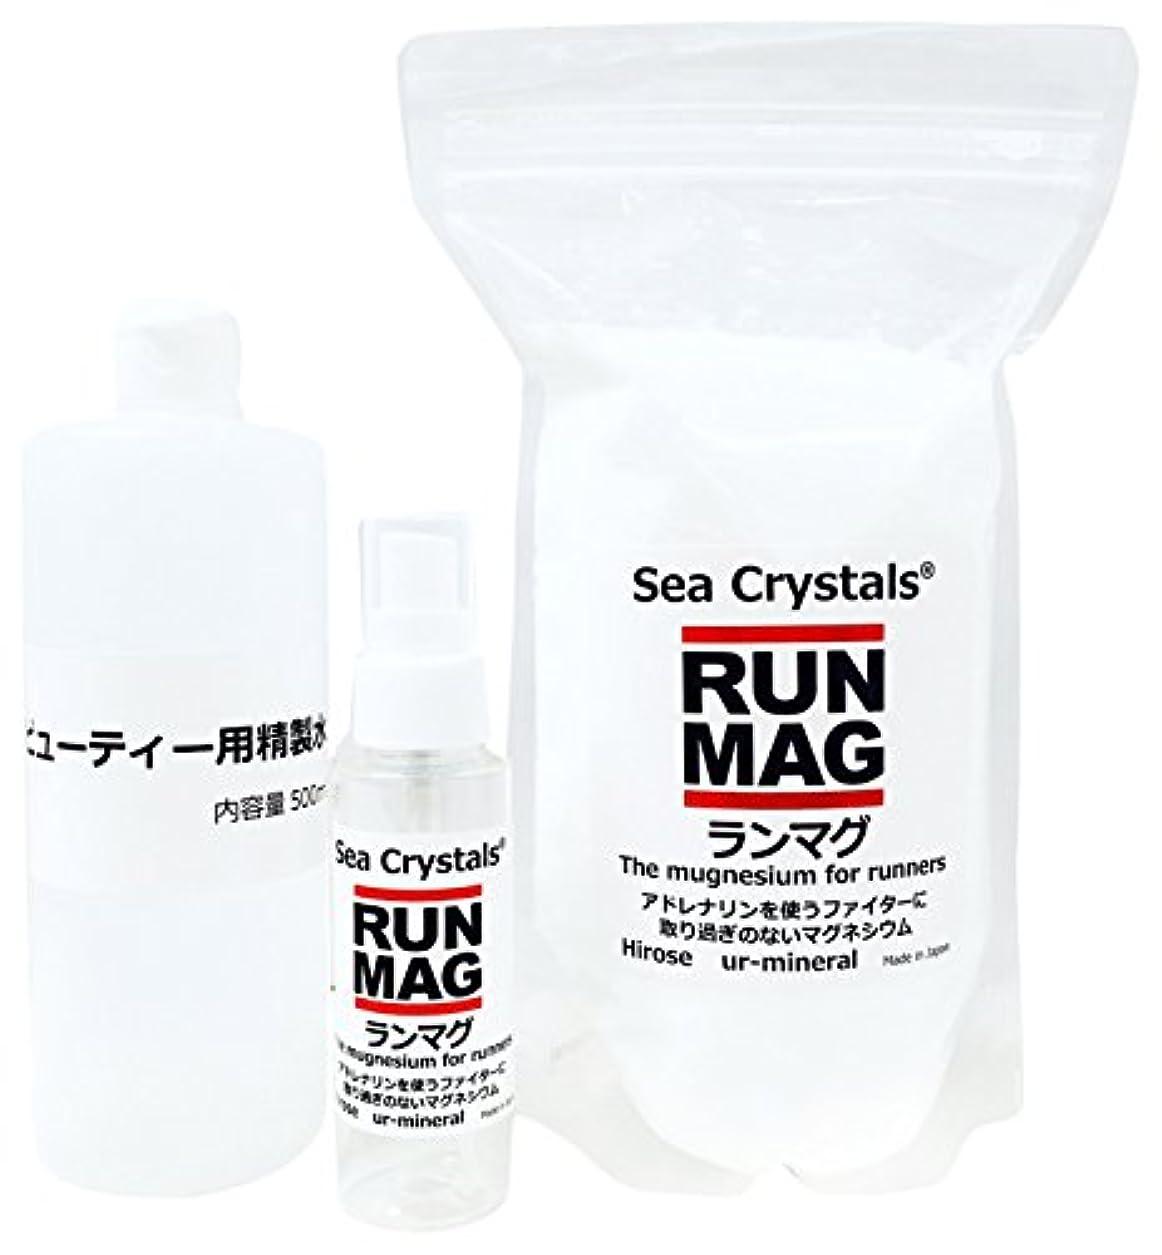 宣言する庭園社員ランマグ?マグネシウムオイル 500g 化粧品登録 日本製 1日マグネシウム360mg使用  精製水付き